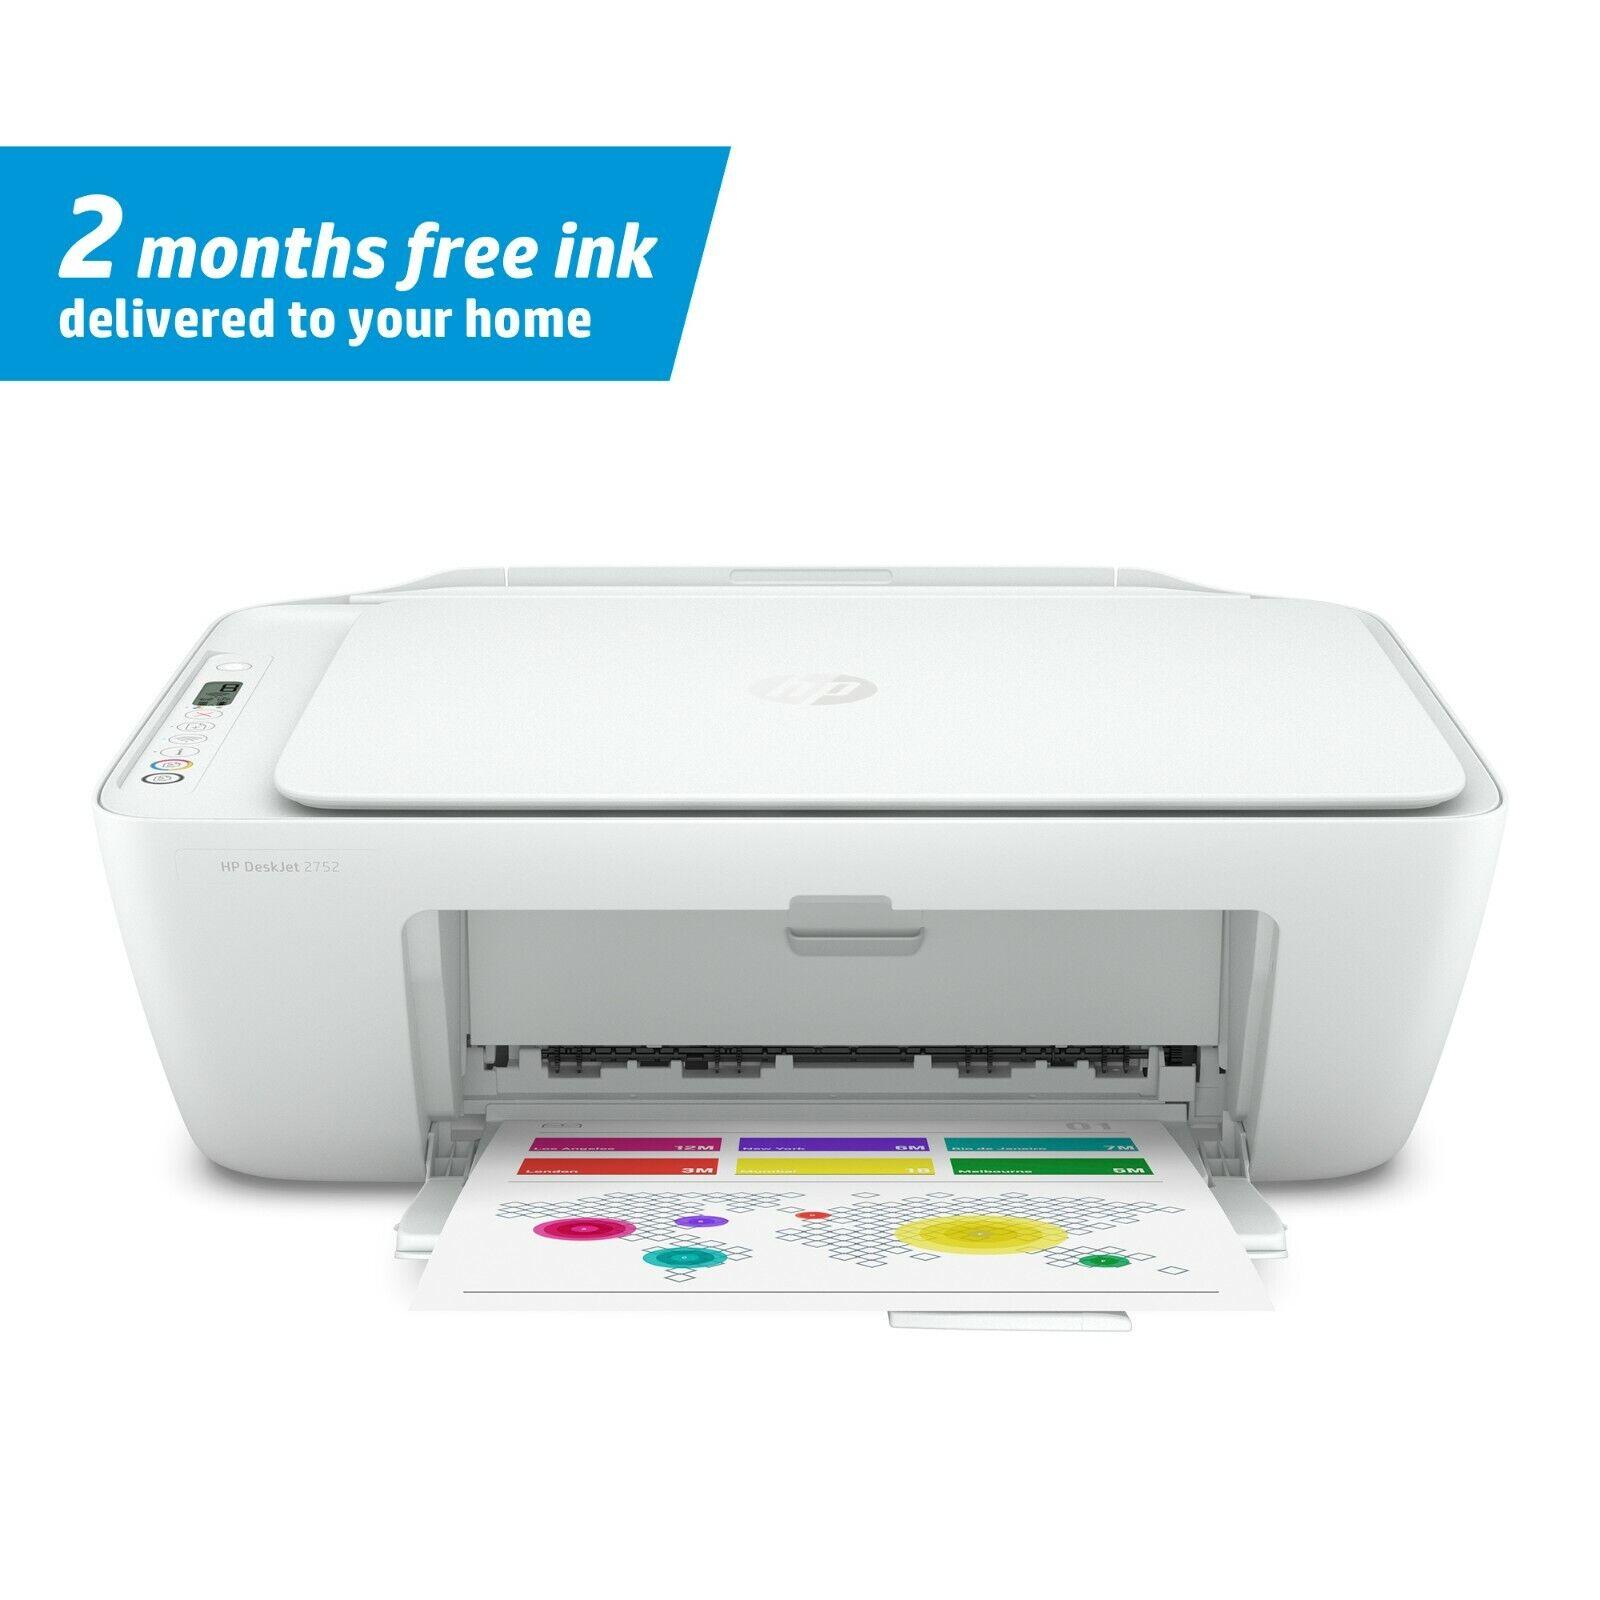 HP DeskJet 2752 Wireless WIFI All-in-One Inkjet Printer Scan